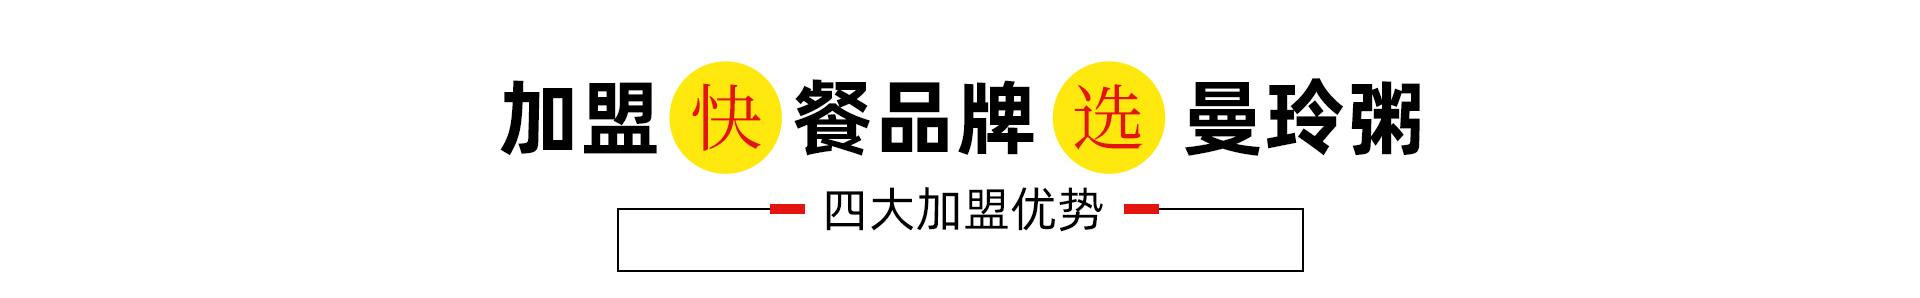 曼玲粥店详情_19